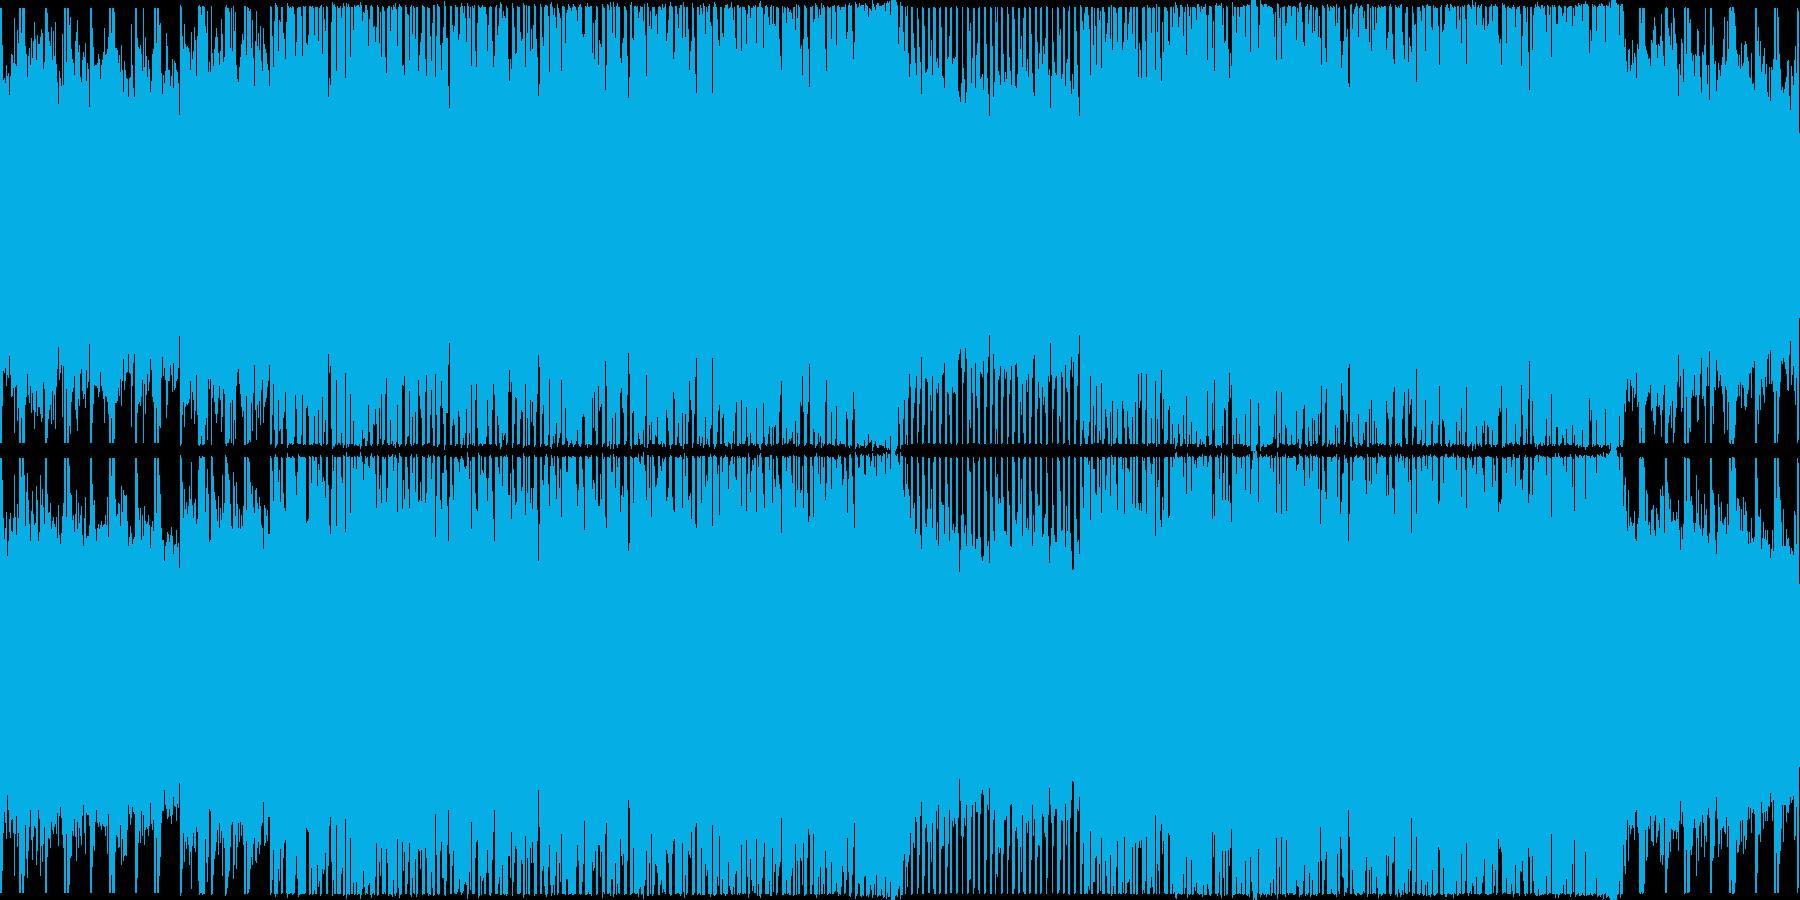 【ループ】お洒落で軽快なクール系テクノの再生済みの波形